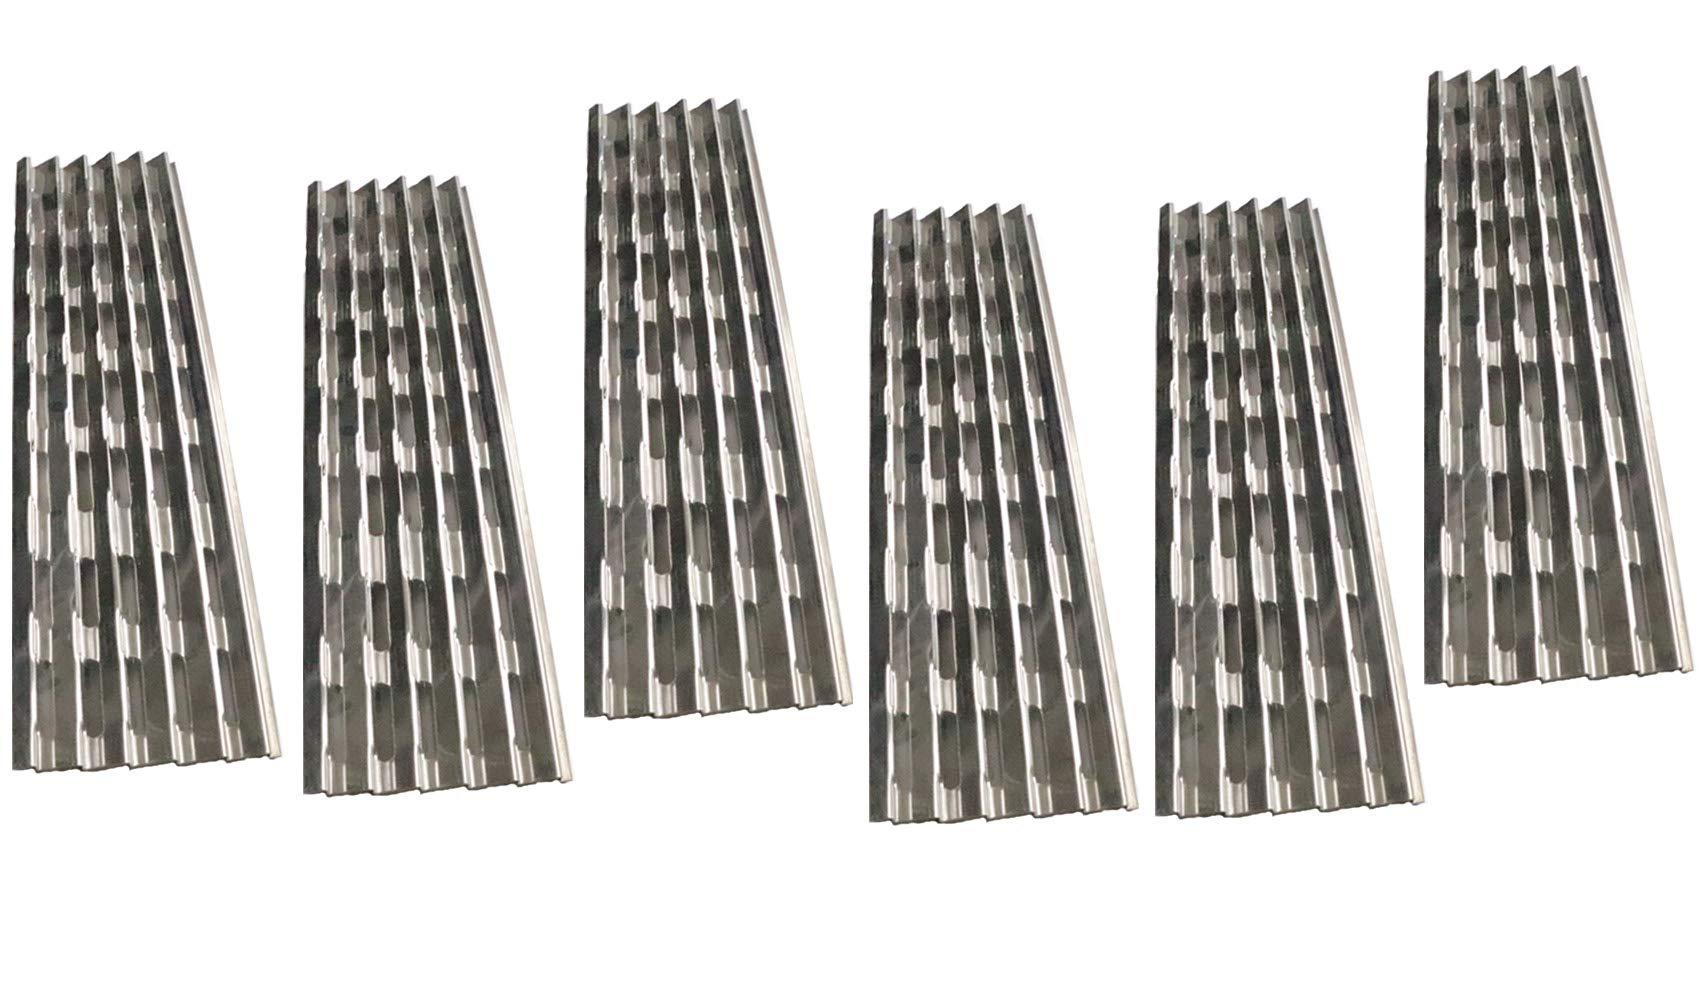 Votenli S9409A (6-Pack) Stainless Steel Heat Plate Replacement for Viking VGIQ300-2RT, VGIQ410-3RT, VGIQ412-2RT, VGIQ530-4RT, VGIQ532-3RT by Votenli